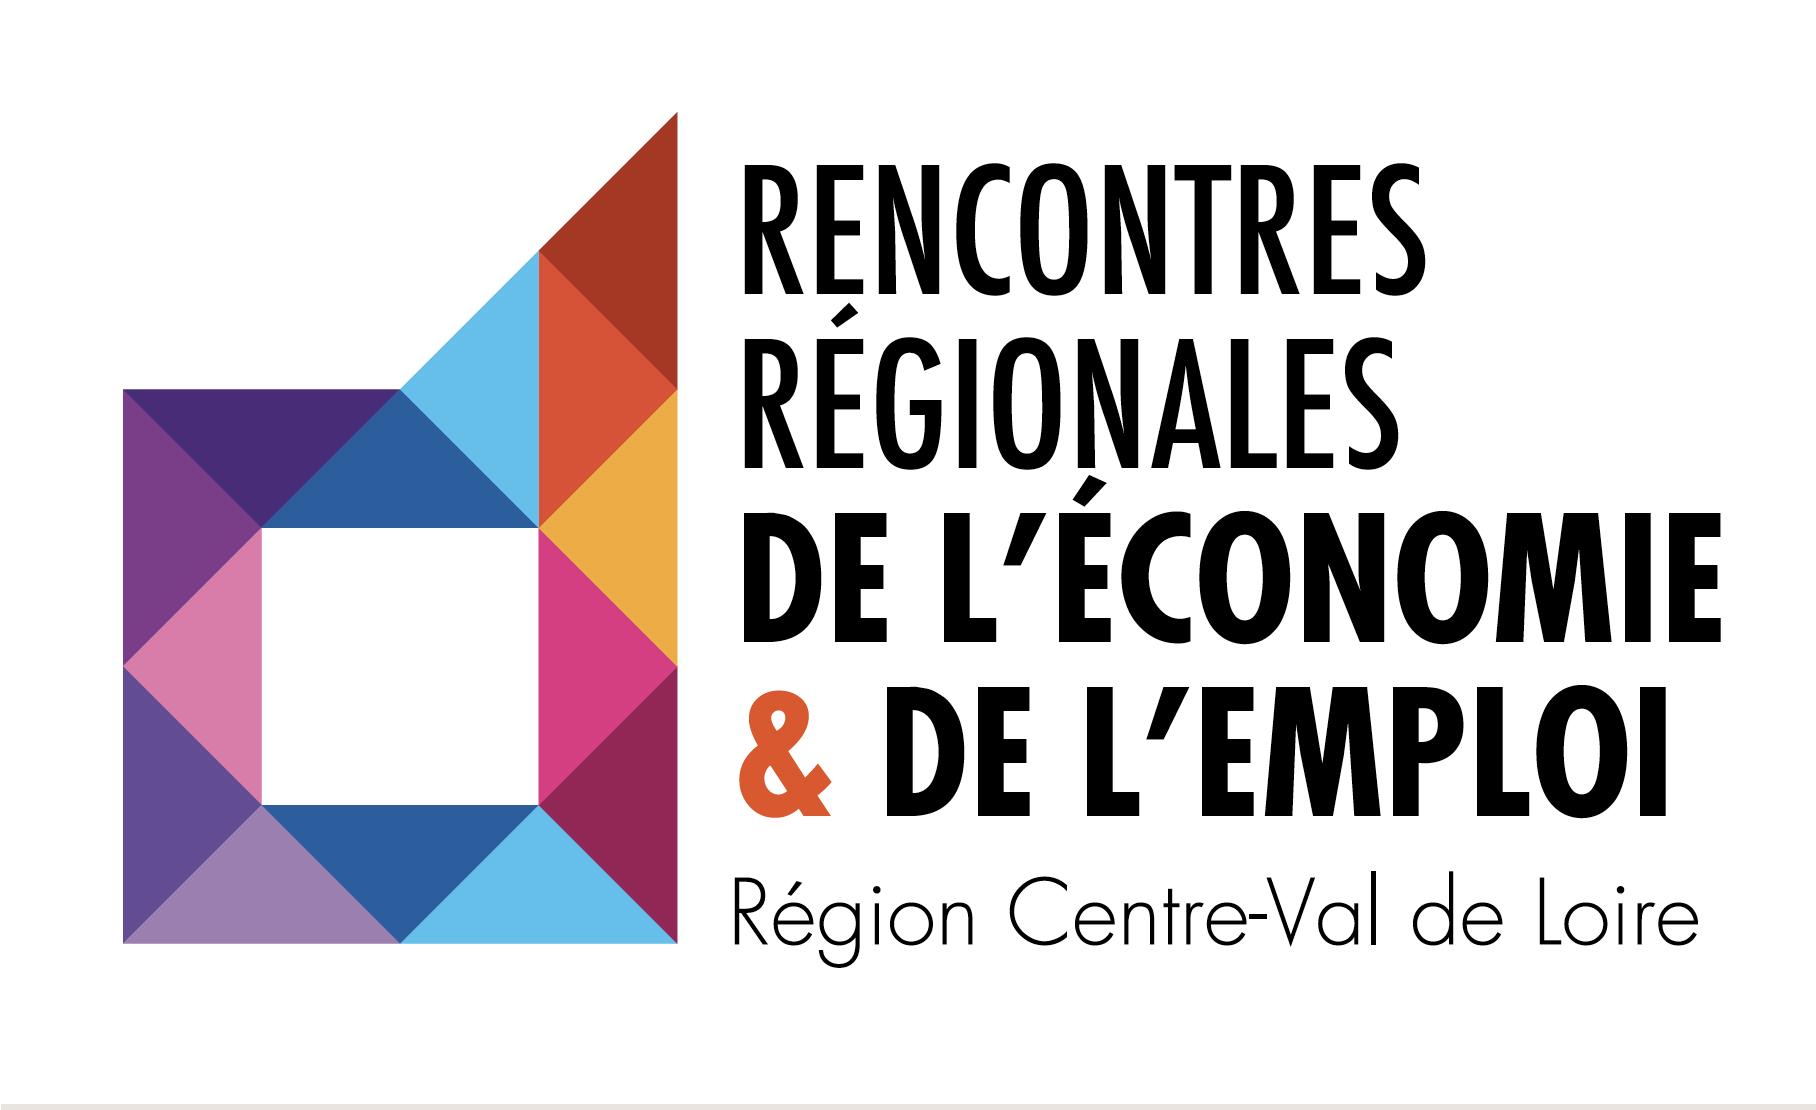 Rencontres Régionales de l'Economie et de l'Emploi